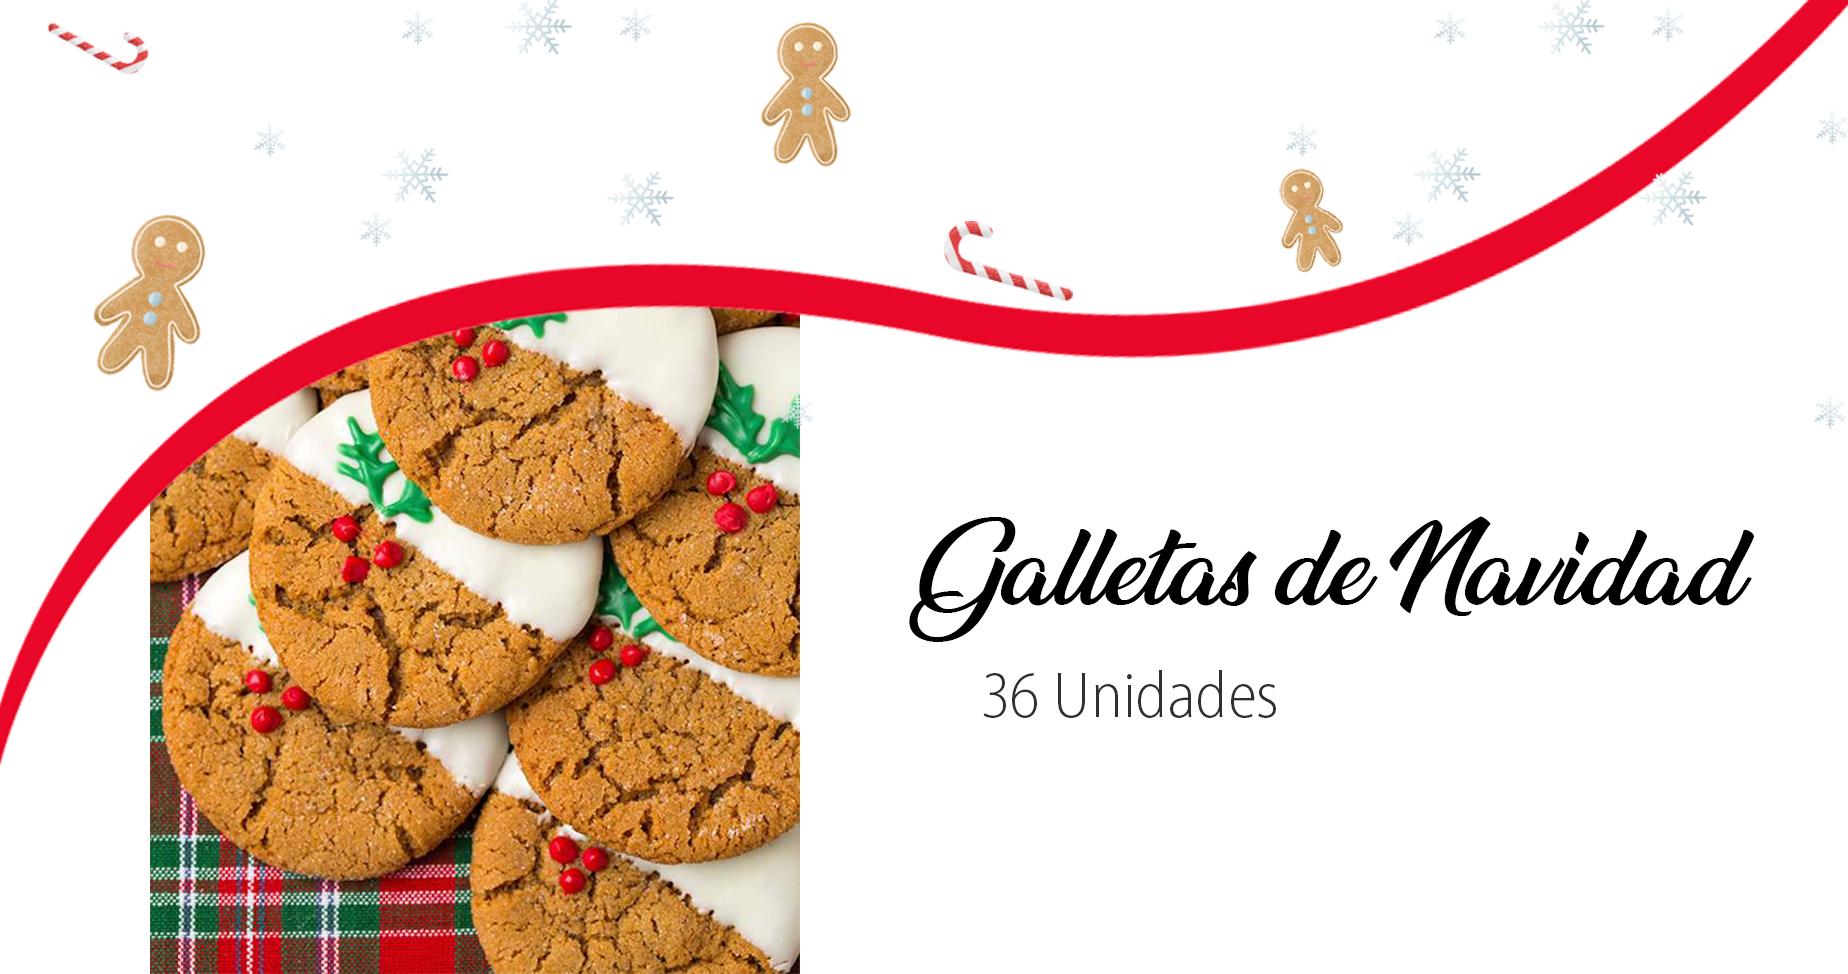 Para_blog_Galletas_de_Navidad.jpg